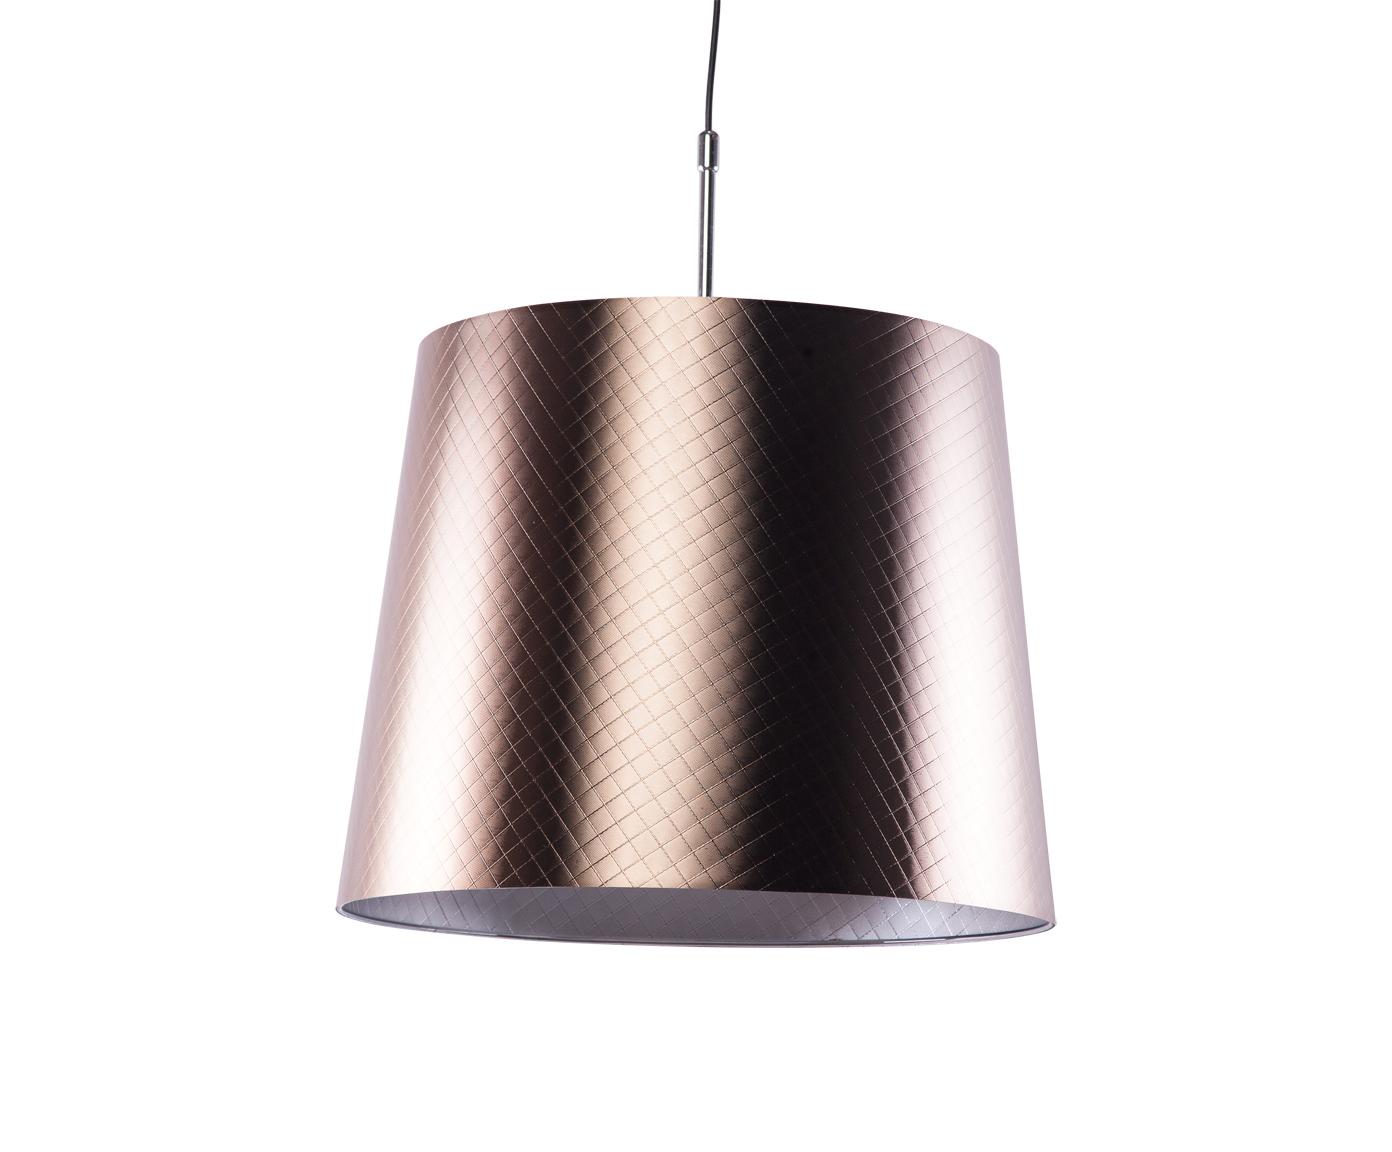 Подвесной светильник РолланПодвесные светильники<br>Подвесной светильник &amp;quot;Роллан&amp;quot; не только эстетически привлекателен, но и очень практичен: освещение достаточно яркое для комфортной подсветки вашей столовой, гостиной или спальни. <br><br>Изящная конструкция подвесного светильника выглядит завершенной и гармоничной. Плафон расчерчен множеством линий, имитирующих текстильную строчку. Дизайнерская люстра — это не только красивый аксессуар, но и эффектный источник света, создающий в интерьере замечательную атмосферу.&amp;lt;div&amp;gt;&amp;lt;br&amp;gt;&amp;lt;/div&amp;gt;&amp;lt;div&amp;gt;&amp;lt;div&amp;gt;Цоколь: E27&amp;lt;/div&amp;gt;&amp;lt;div&amp;gt;Мощность лампы: 100W&amp;lt;/div&amp;gt;&amp;lt;div&amp;gt;Количество ламп: 1&amp;lt;/div&amp;gt;&amp;lt;div&amp;gt;(лампочка в комплект не входит)&amp;lt;/div&amp;gt;&amp;lt;div&amp;gt;&amp;lt;br&amp;gt;&amp;lt;/div&amp;gt;&amp;lt;div&amp;gt;&amp;lt;br&amp;gt;&amp;lt;/div&amp;gt;&amp;lt;/div&amp;gt;<br><br>Material: Пластик<br>Height см: 150<br>Diameter см: 50